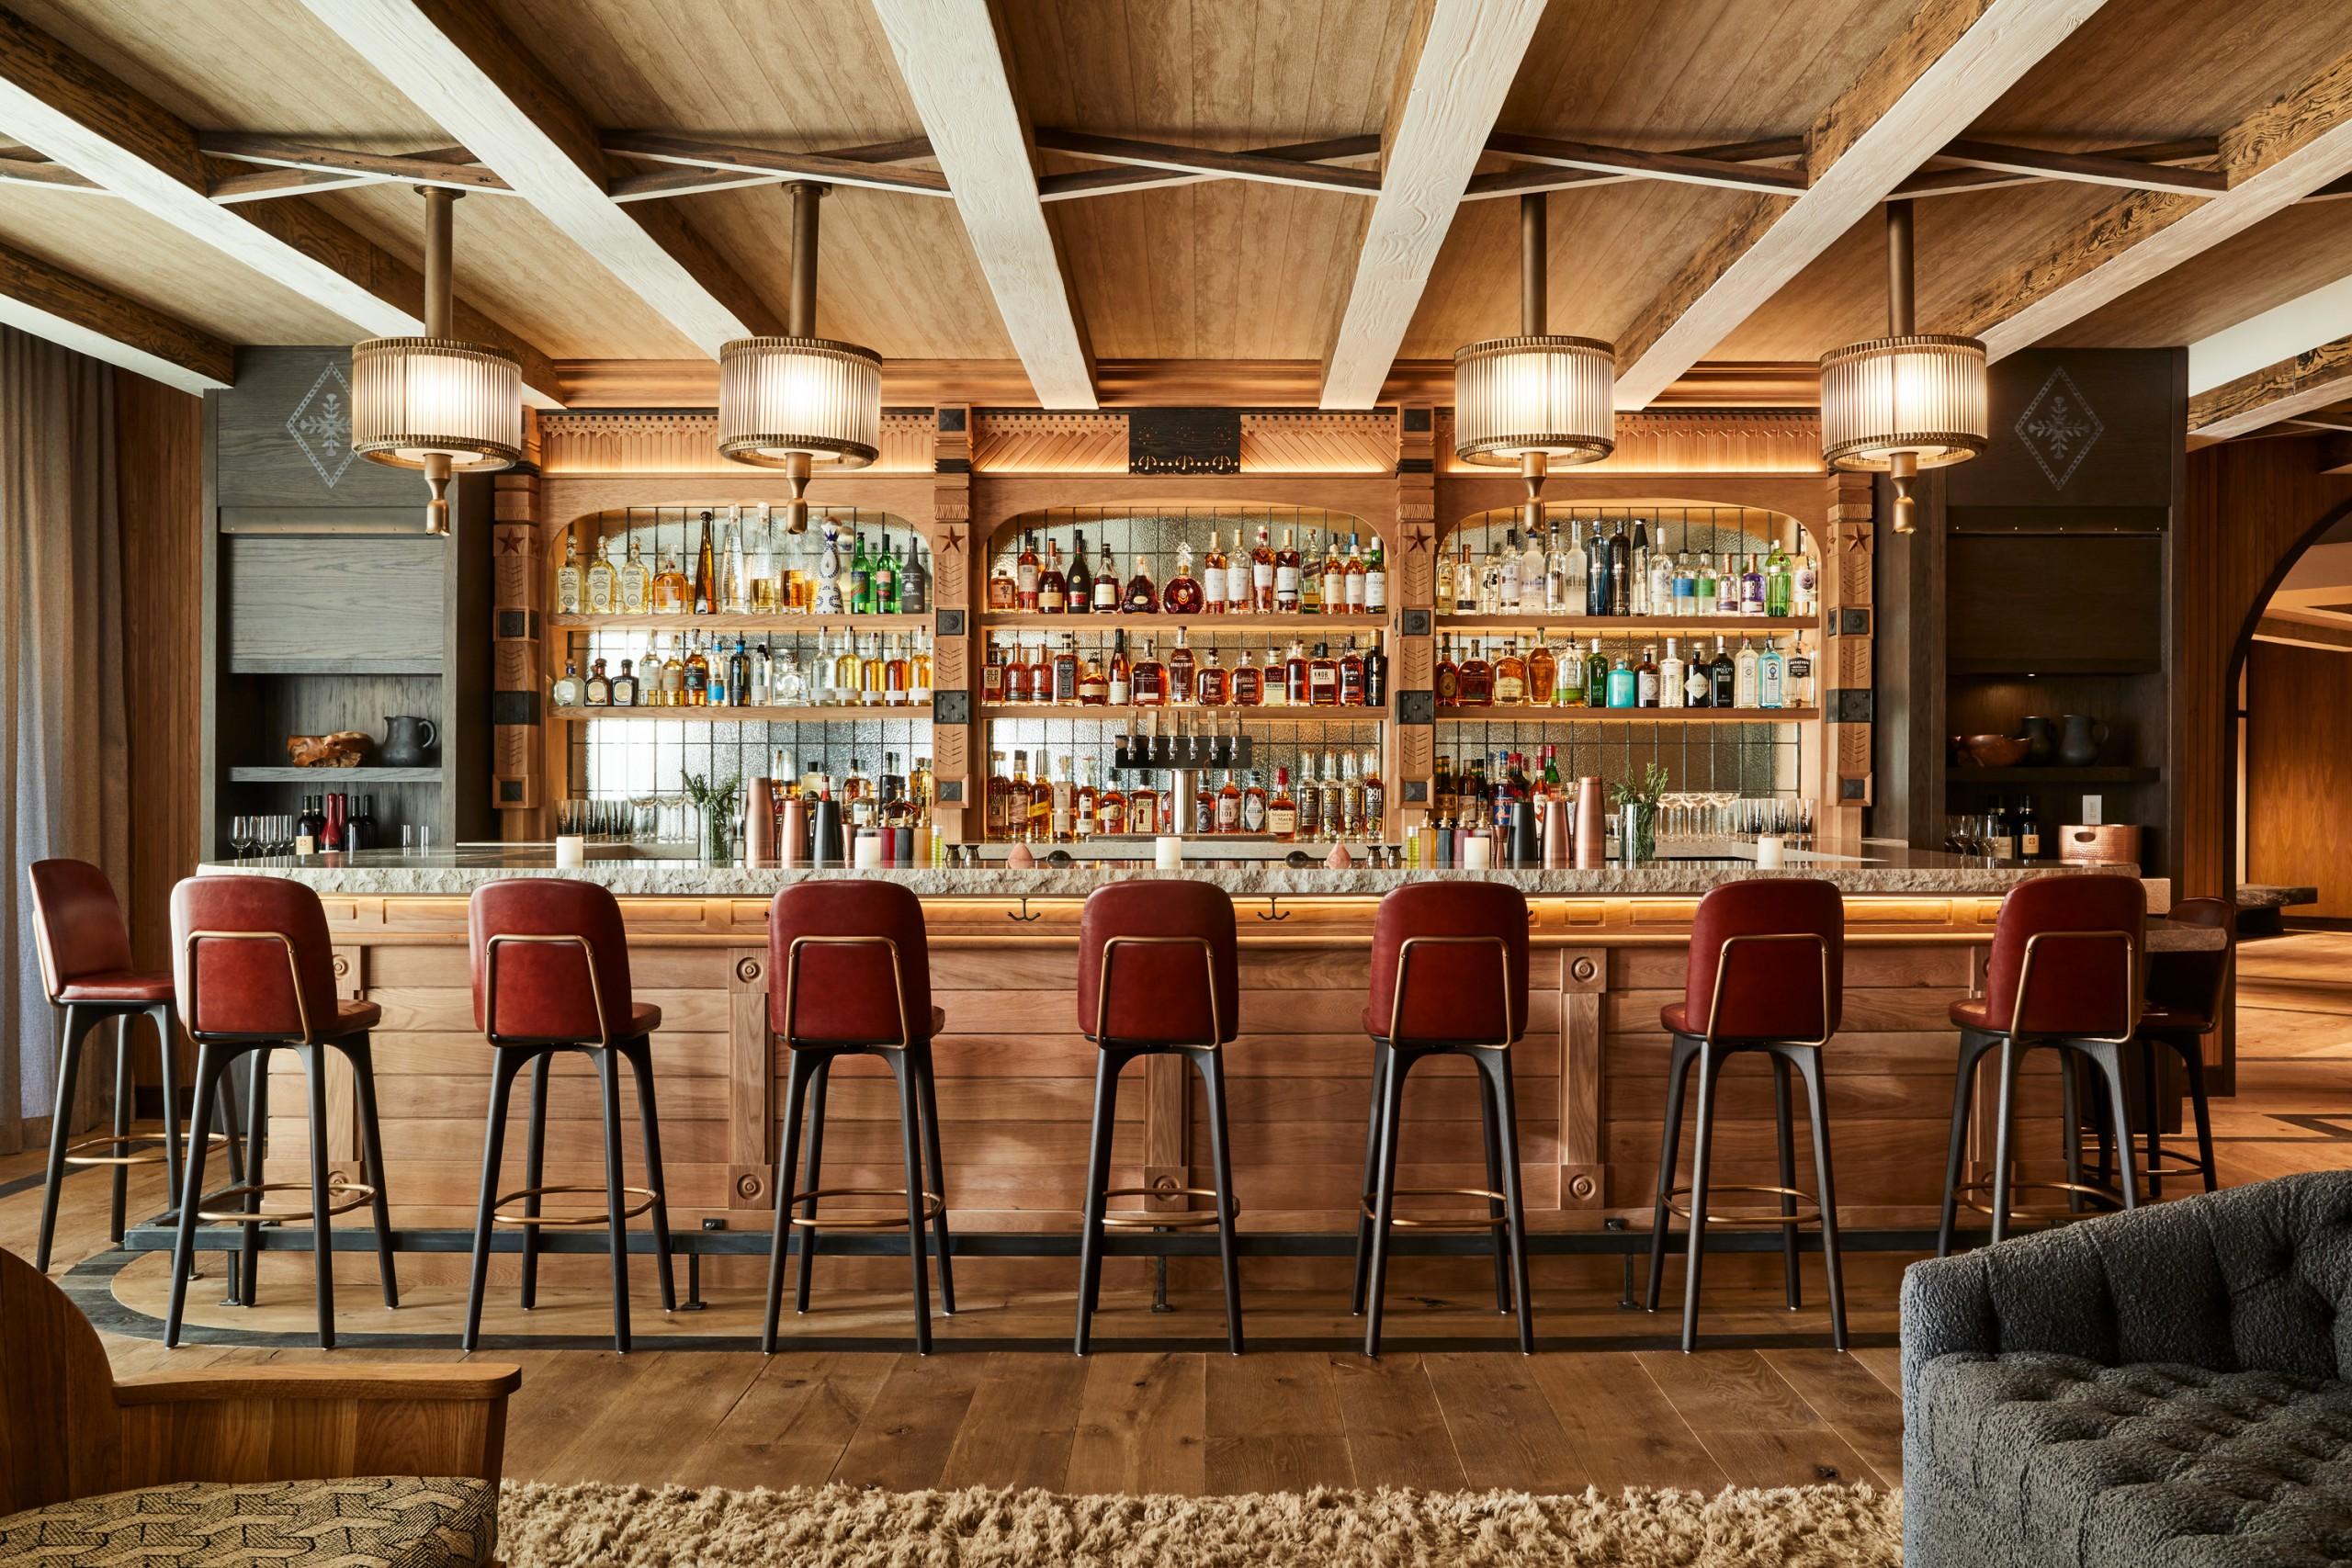 Mdl Dine Timber Room Bar 2021 015 1